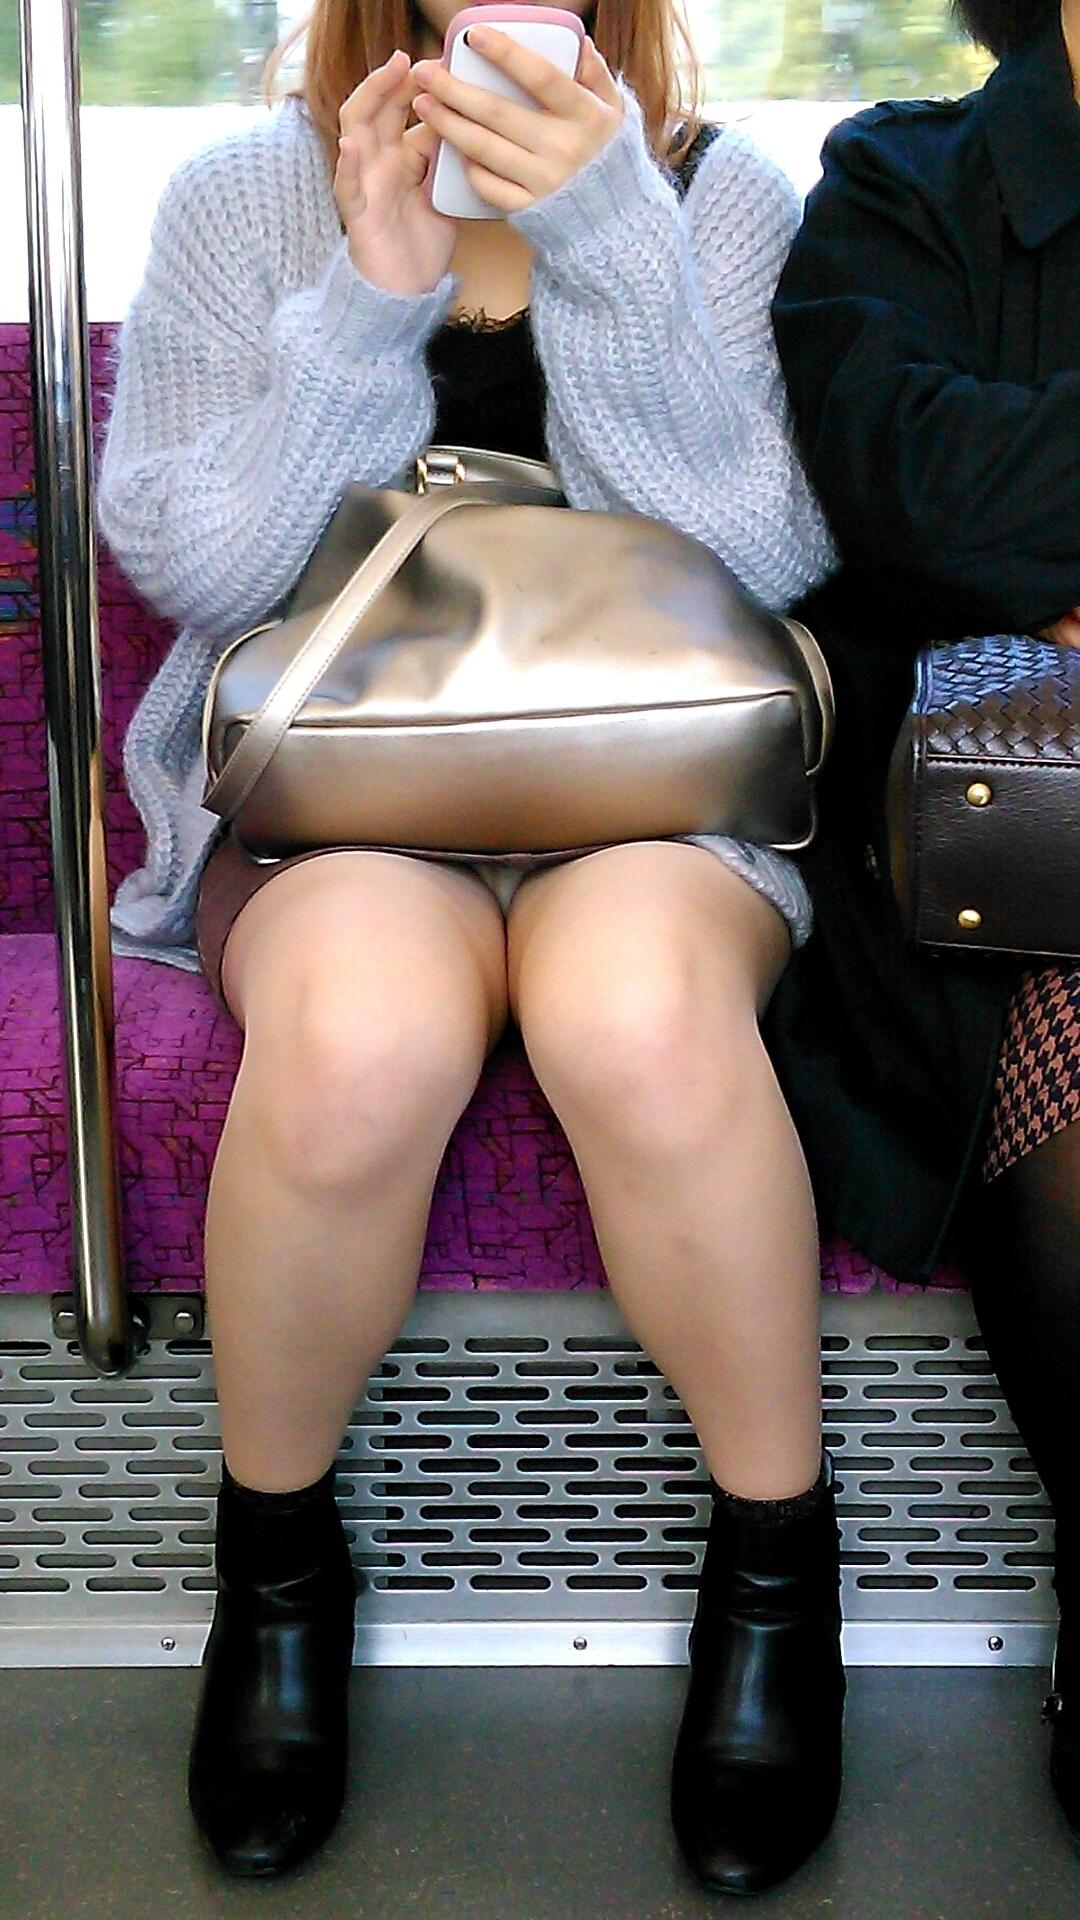 電車の中でギャルの下着をドキドキしながら盗撮!